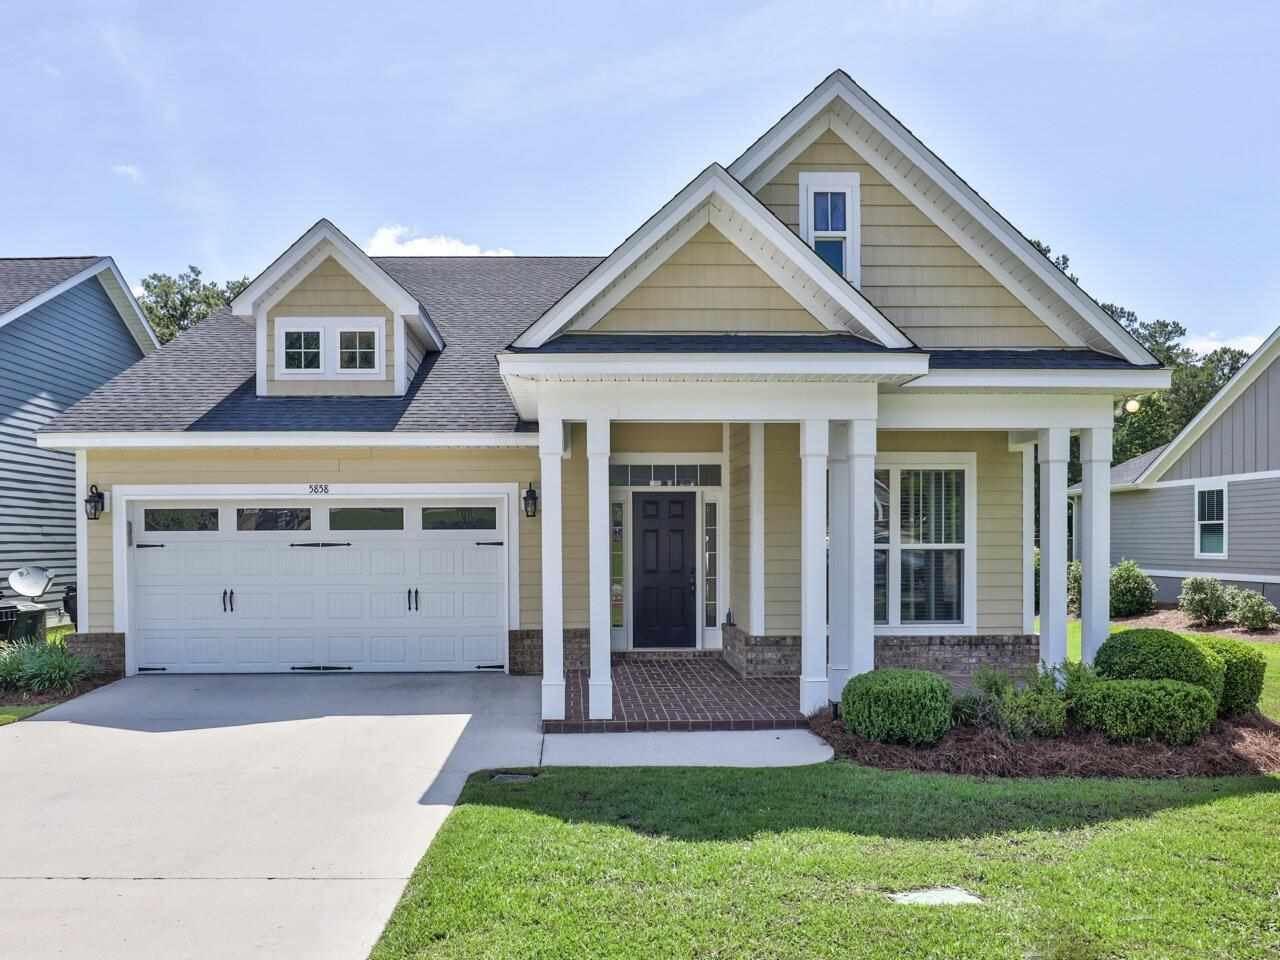 5858 DAHLGREN Trail, Tallahassee, FL 32312 - MLS#: 333494